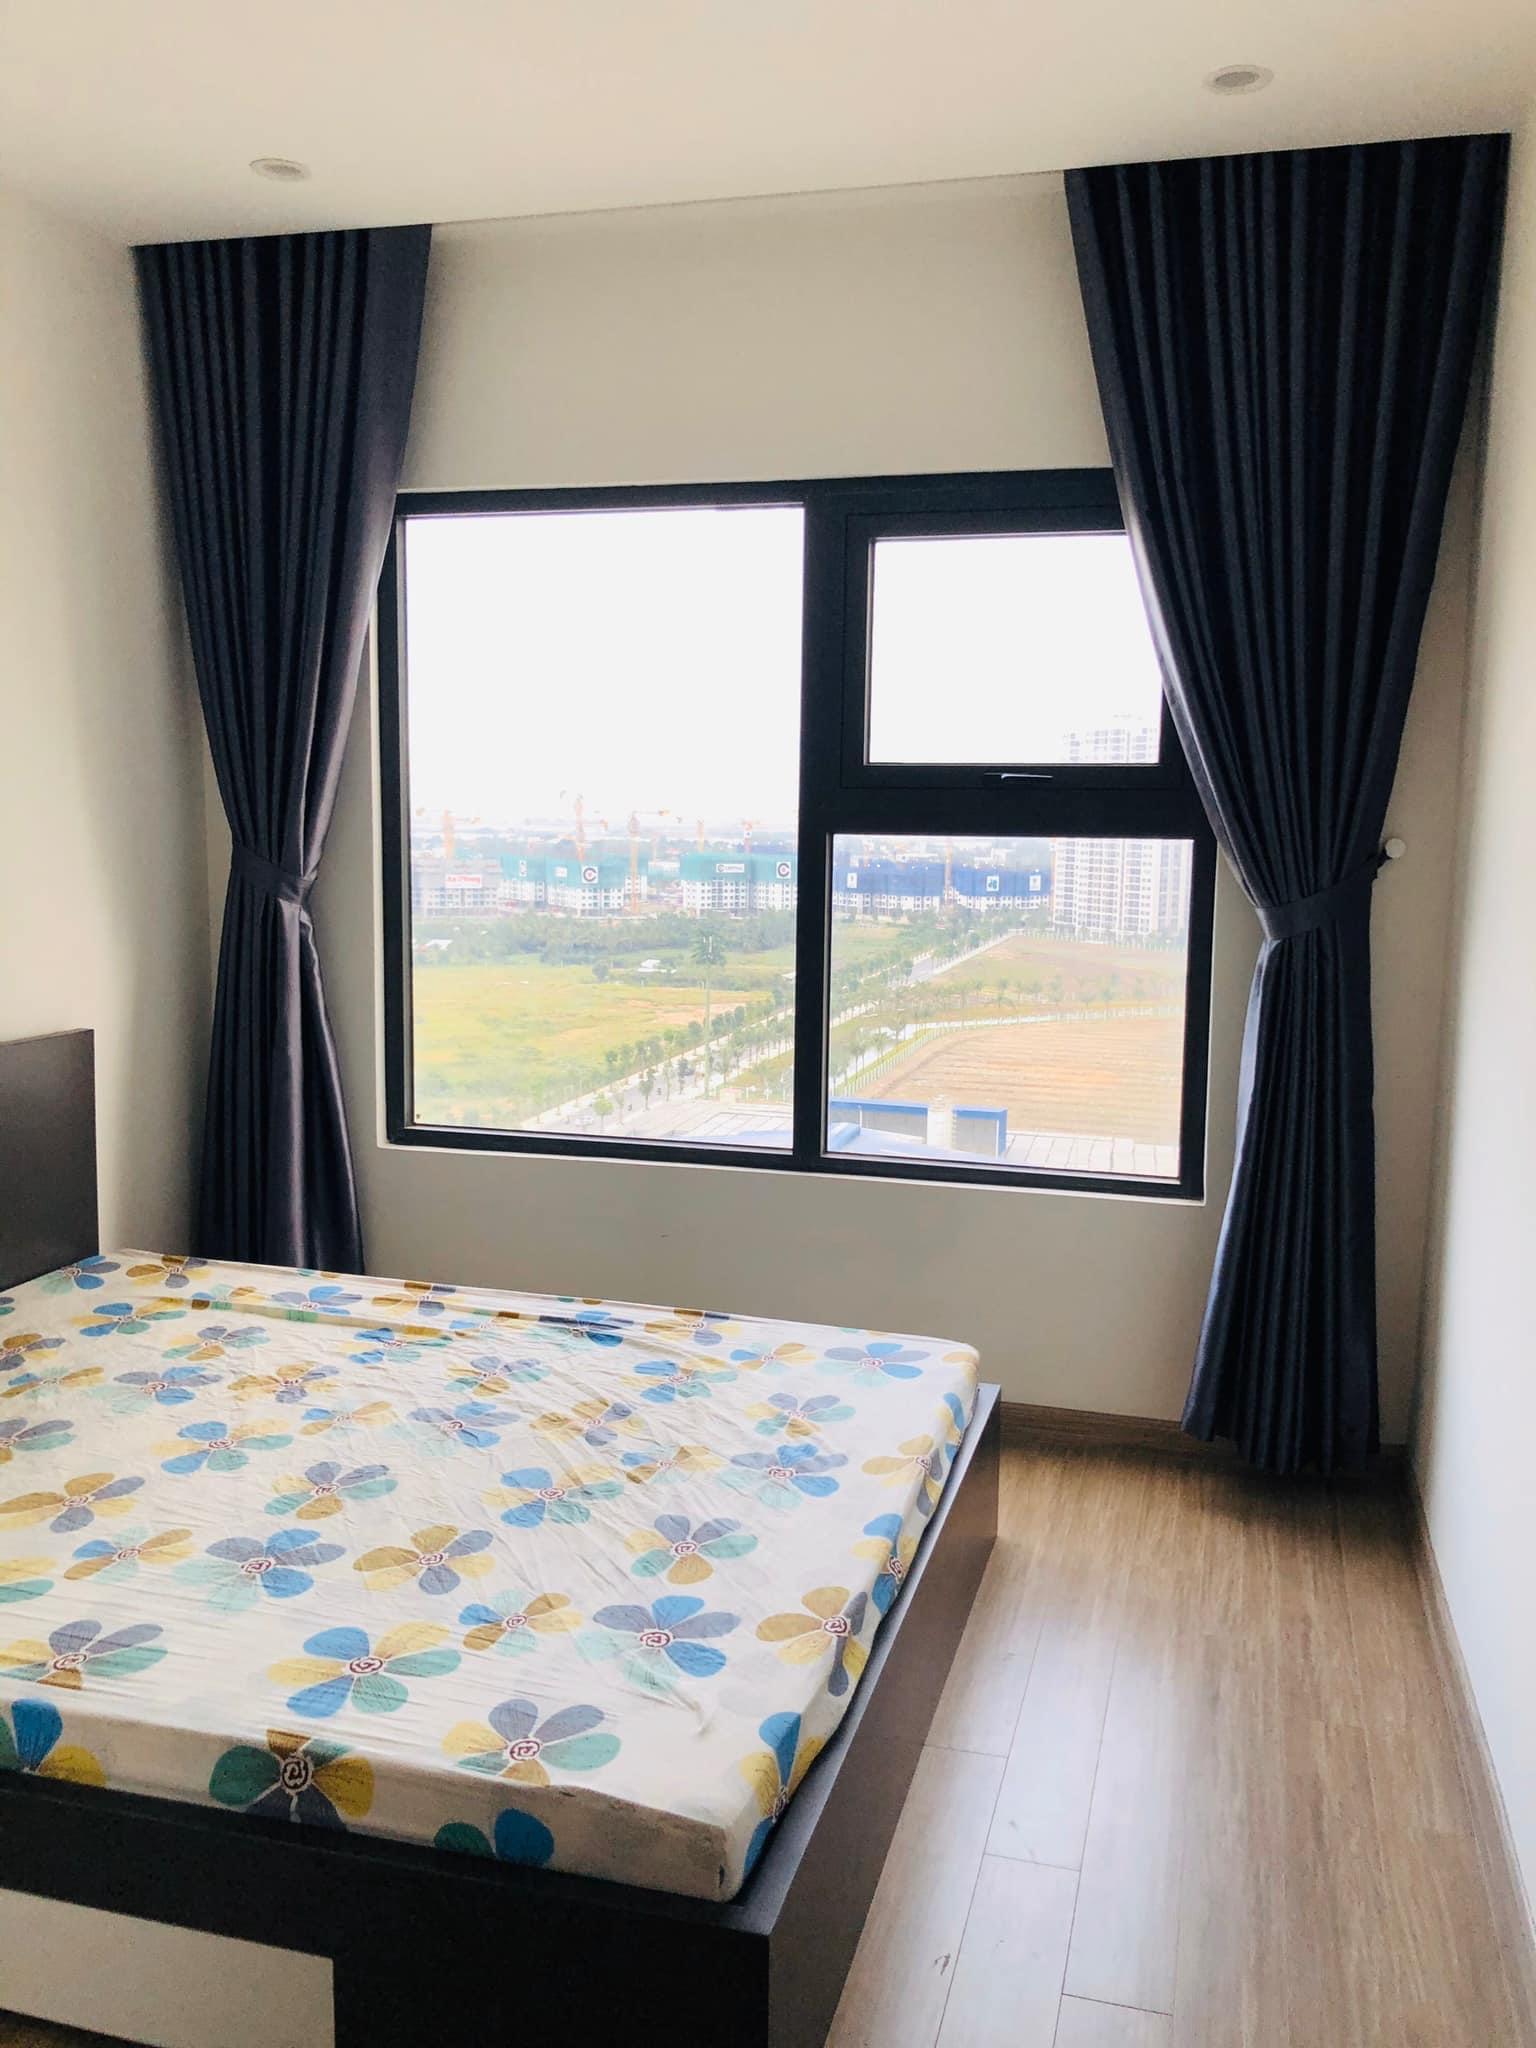 Căn hộ 2 phòng ngủ 1wc tầng 10 S1.02 Vinhomes Grand Park 6tr/tháng 4